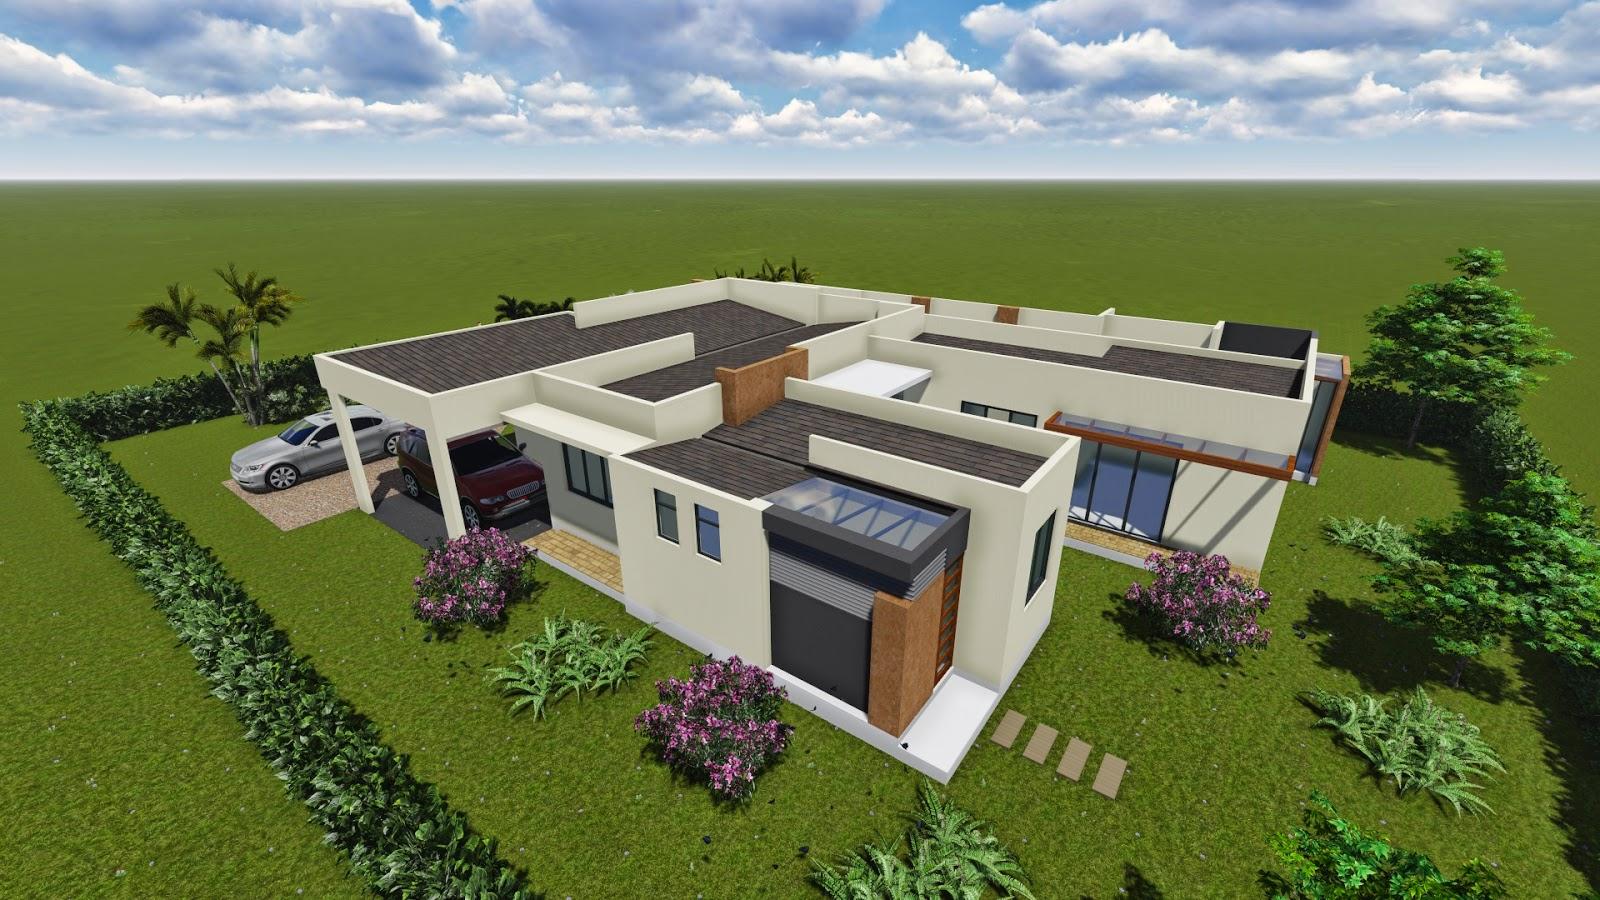 Dise o de casa campestre moderna 250 m2 for Disenos de residencias modernas